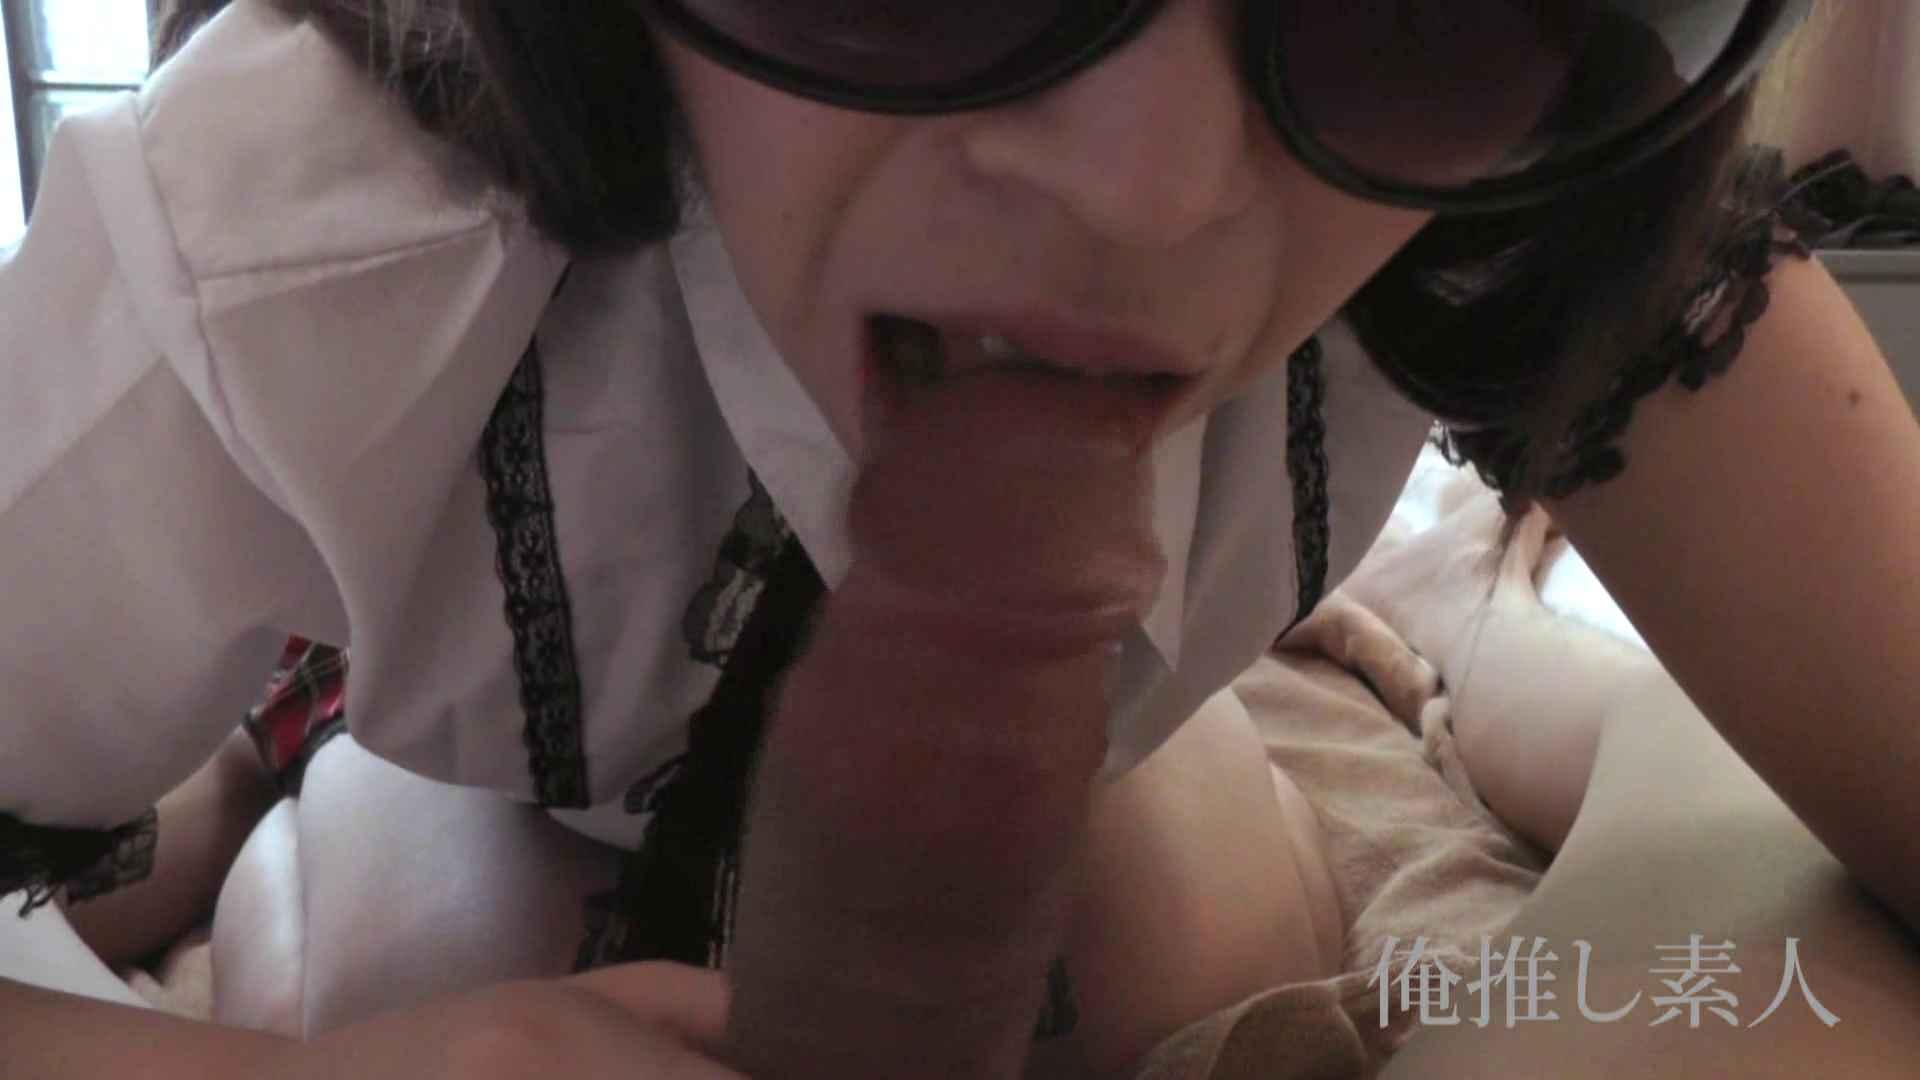 俺推し素人 EカップシングルマザーOL30歳瑤子vol3 人妻の裸体   投稿  103枚 33